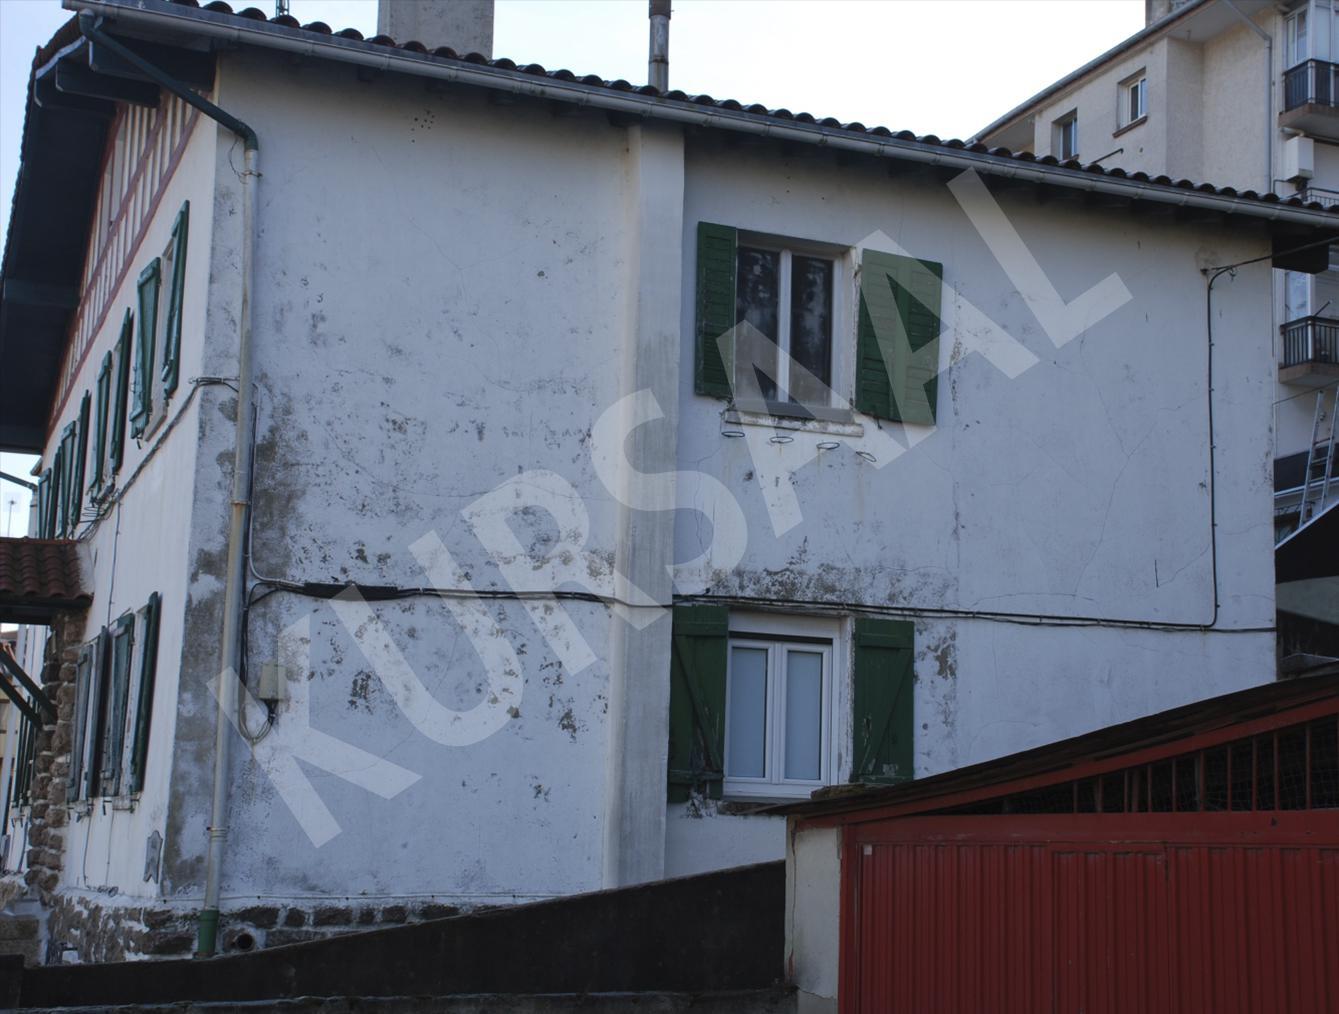 foto 9 - Aislamientos Térmicos y Eficiencia Energética-Calzada de Oleta 17-DONOSTIA